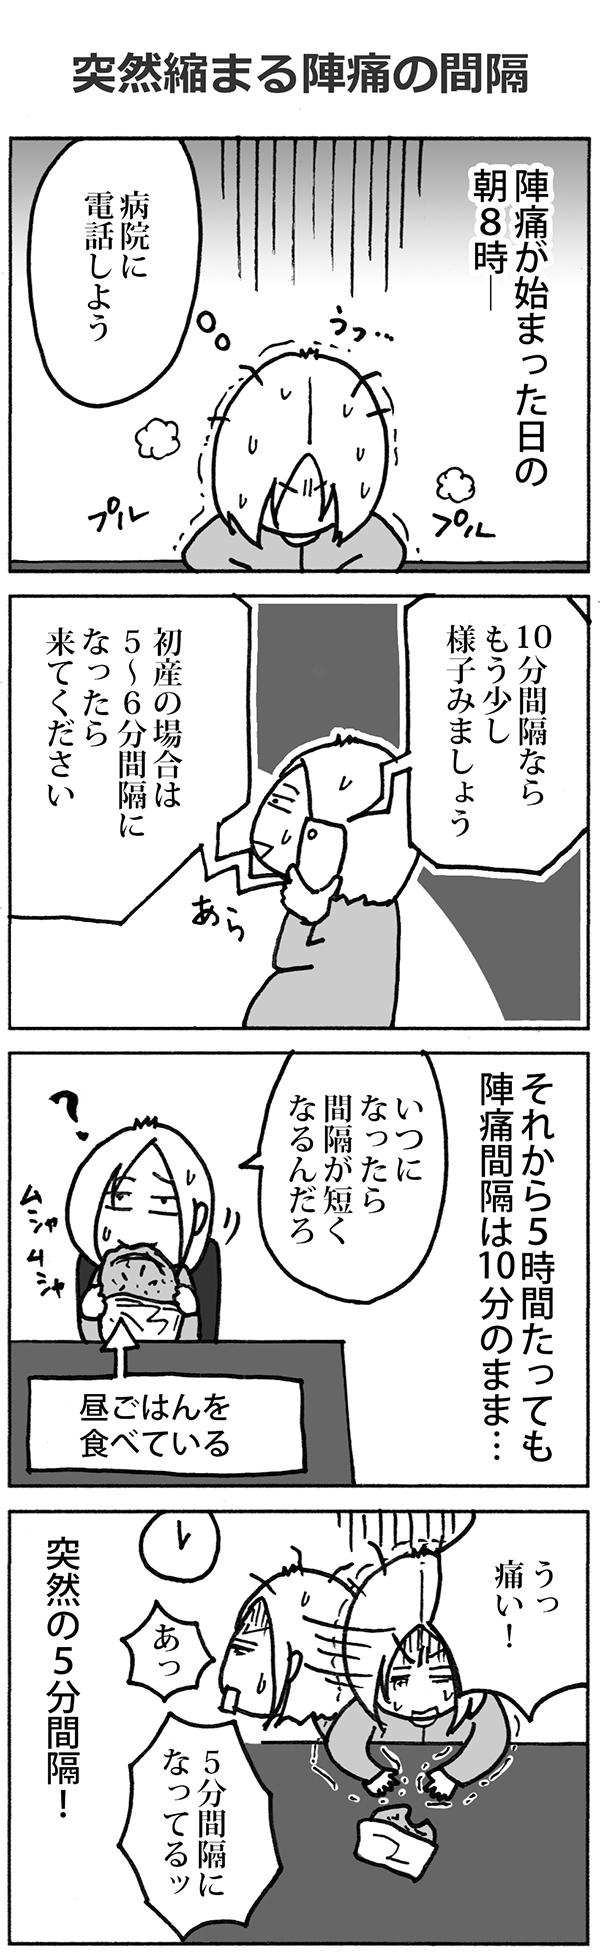 katakrico_34